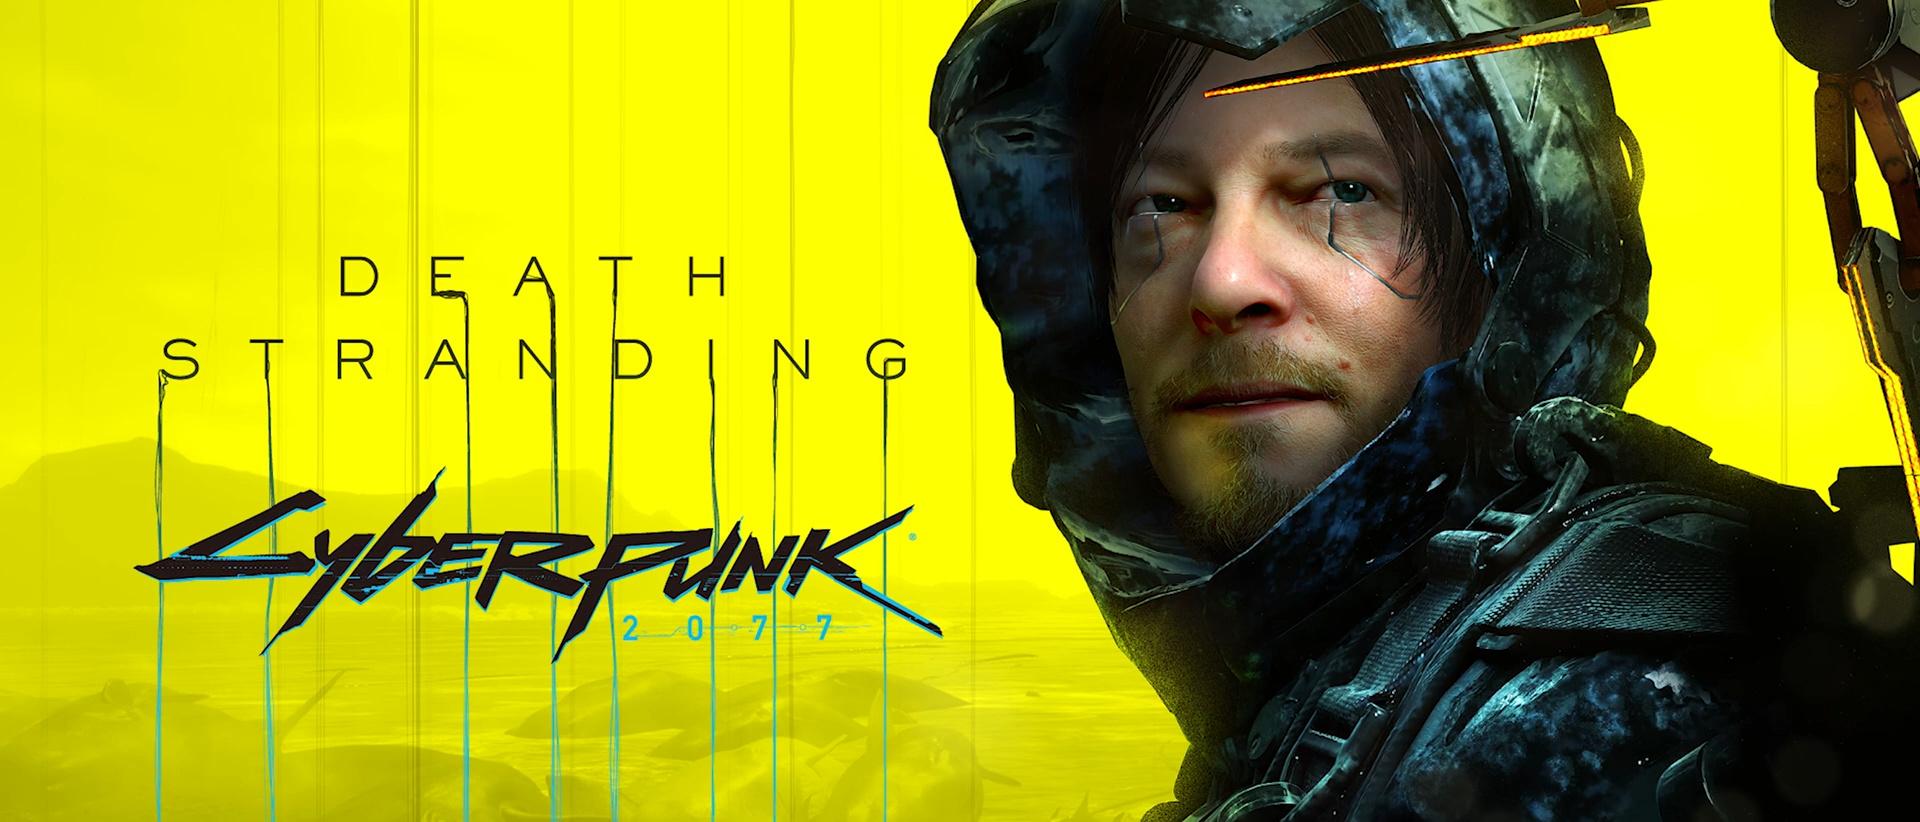 Death Stranding si aggiorna su PC per il crossover con Cyberpunk 2077 2